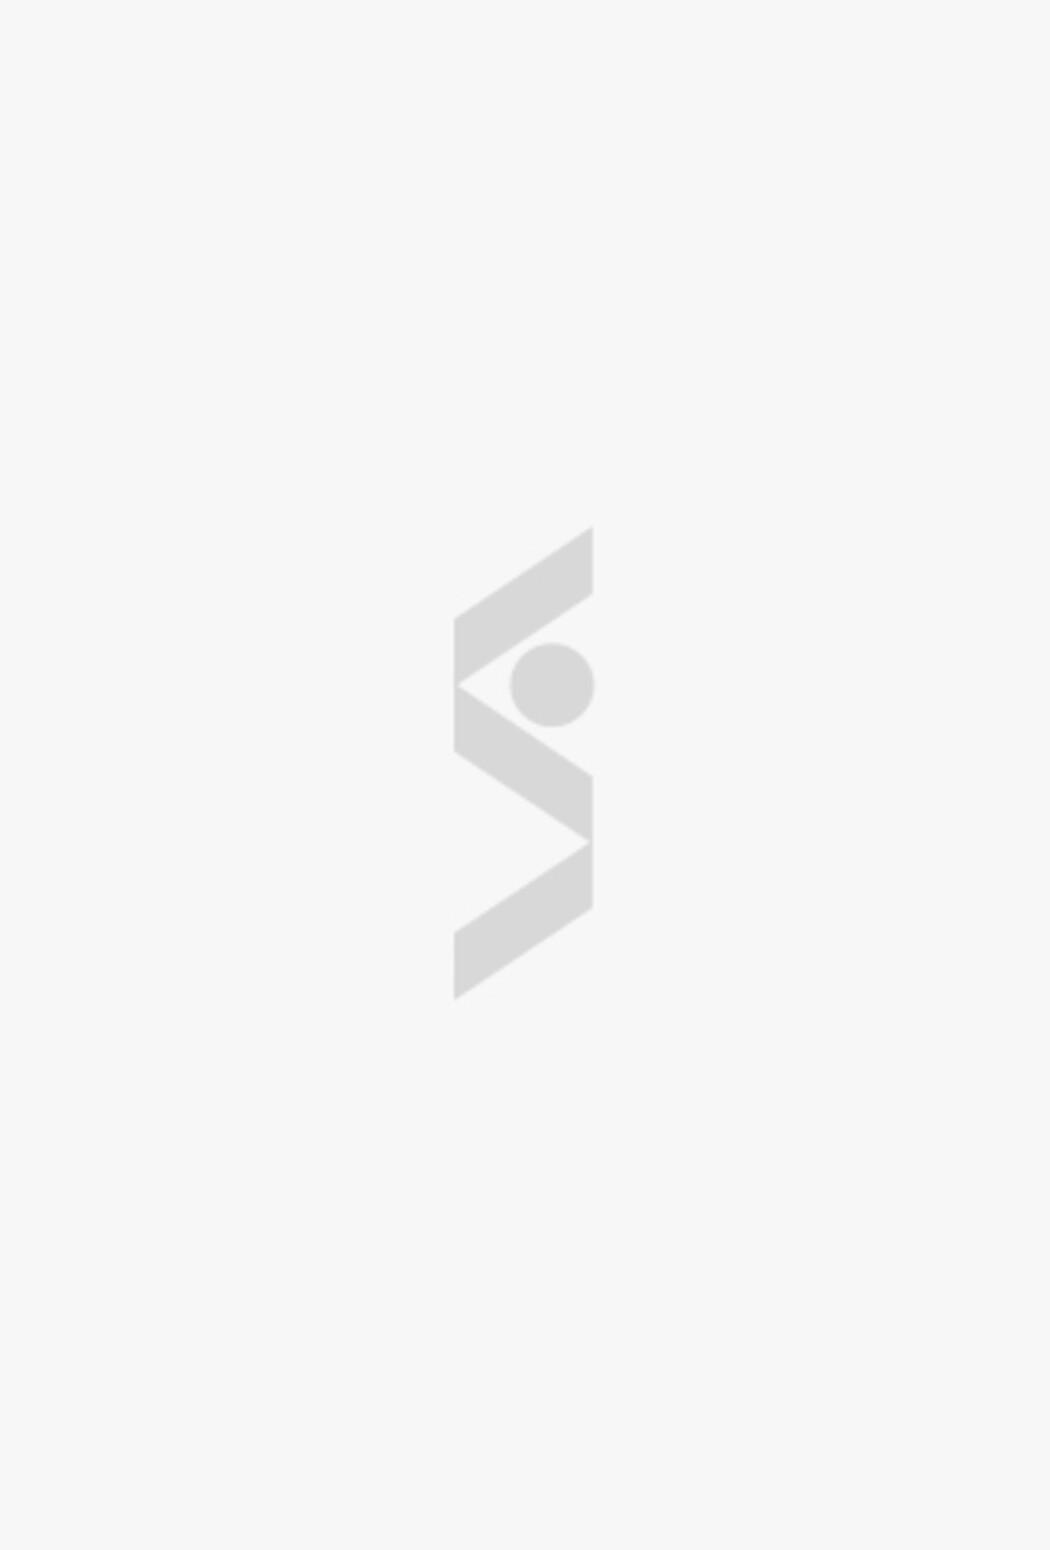 Дубленка с косой молнией BELUCCI - купить, цена 4490 ₽ в Москве в интернет-магазине СТОКМАНН